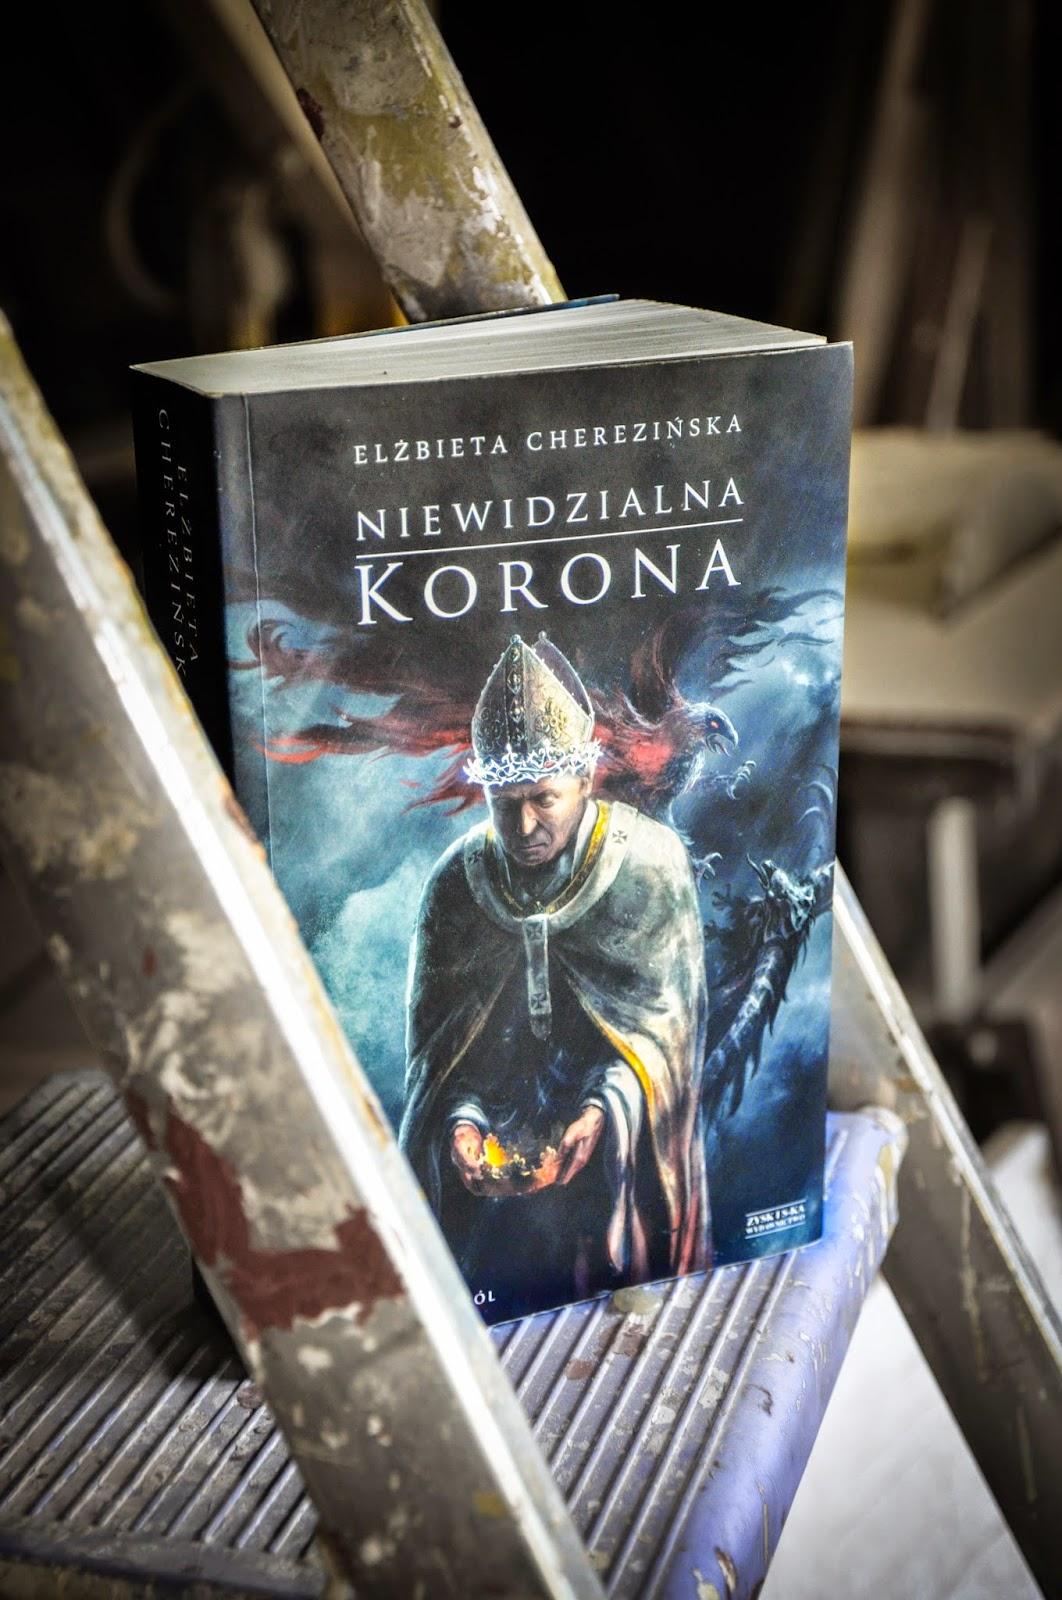 Niewidzialna korona zdjęcie książki Cherezińskiej